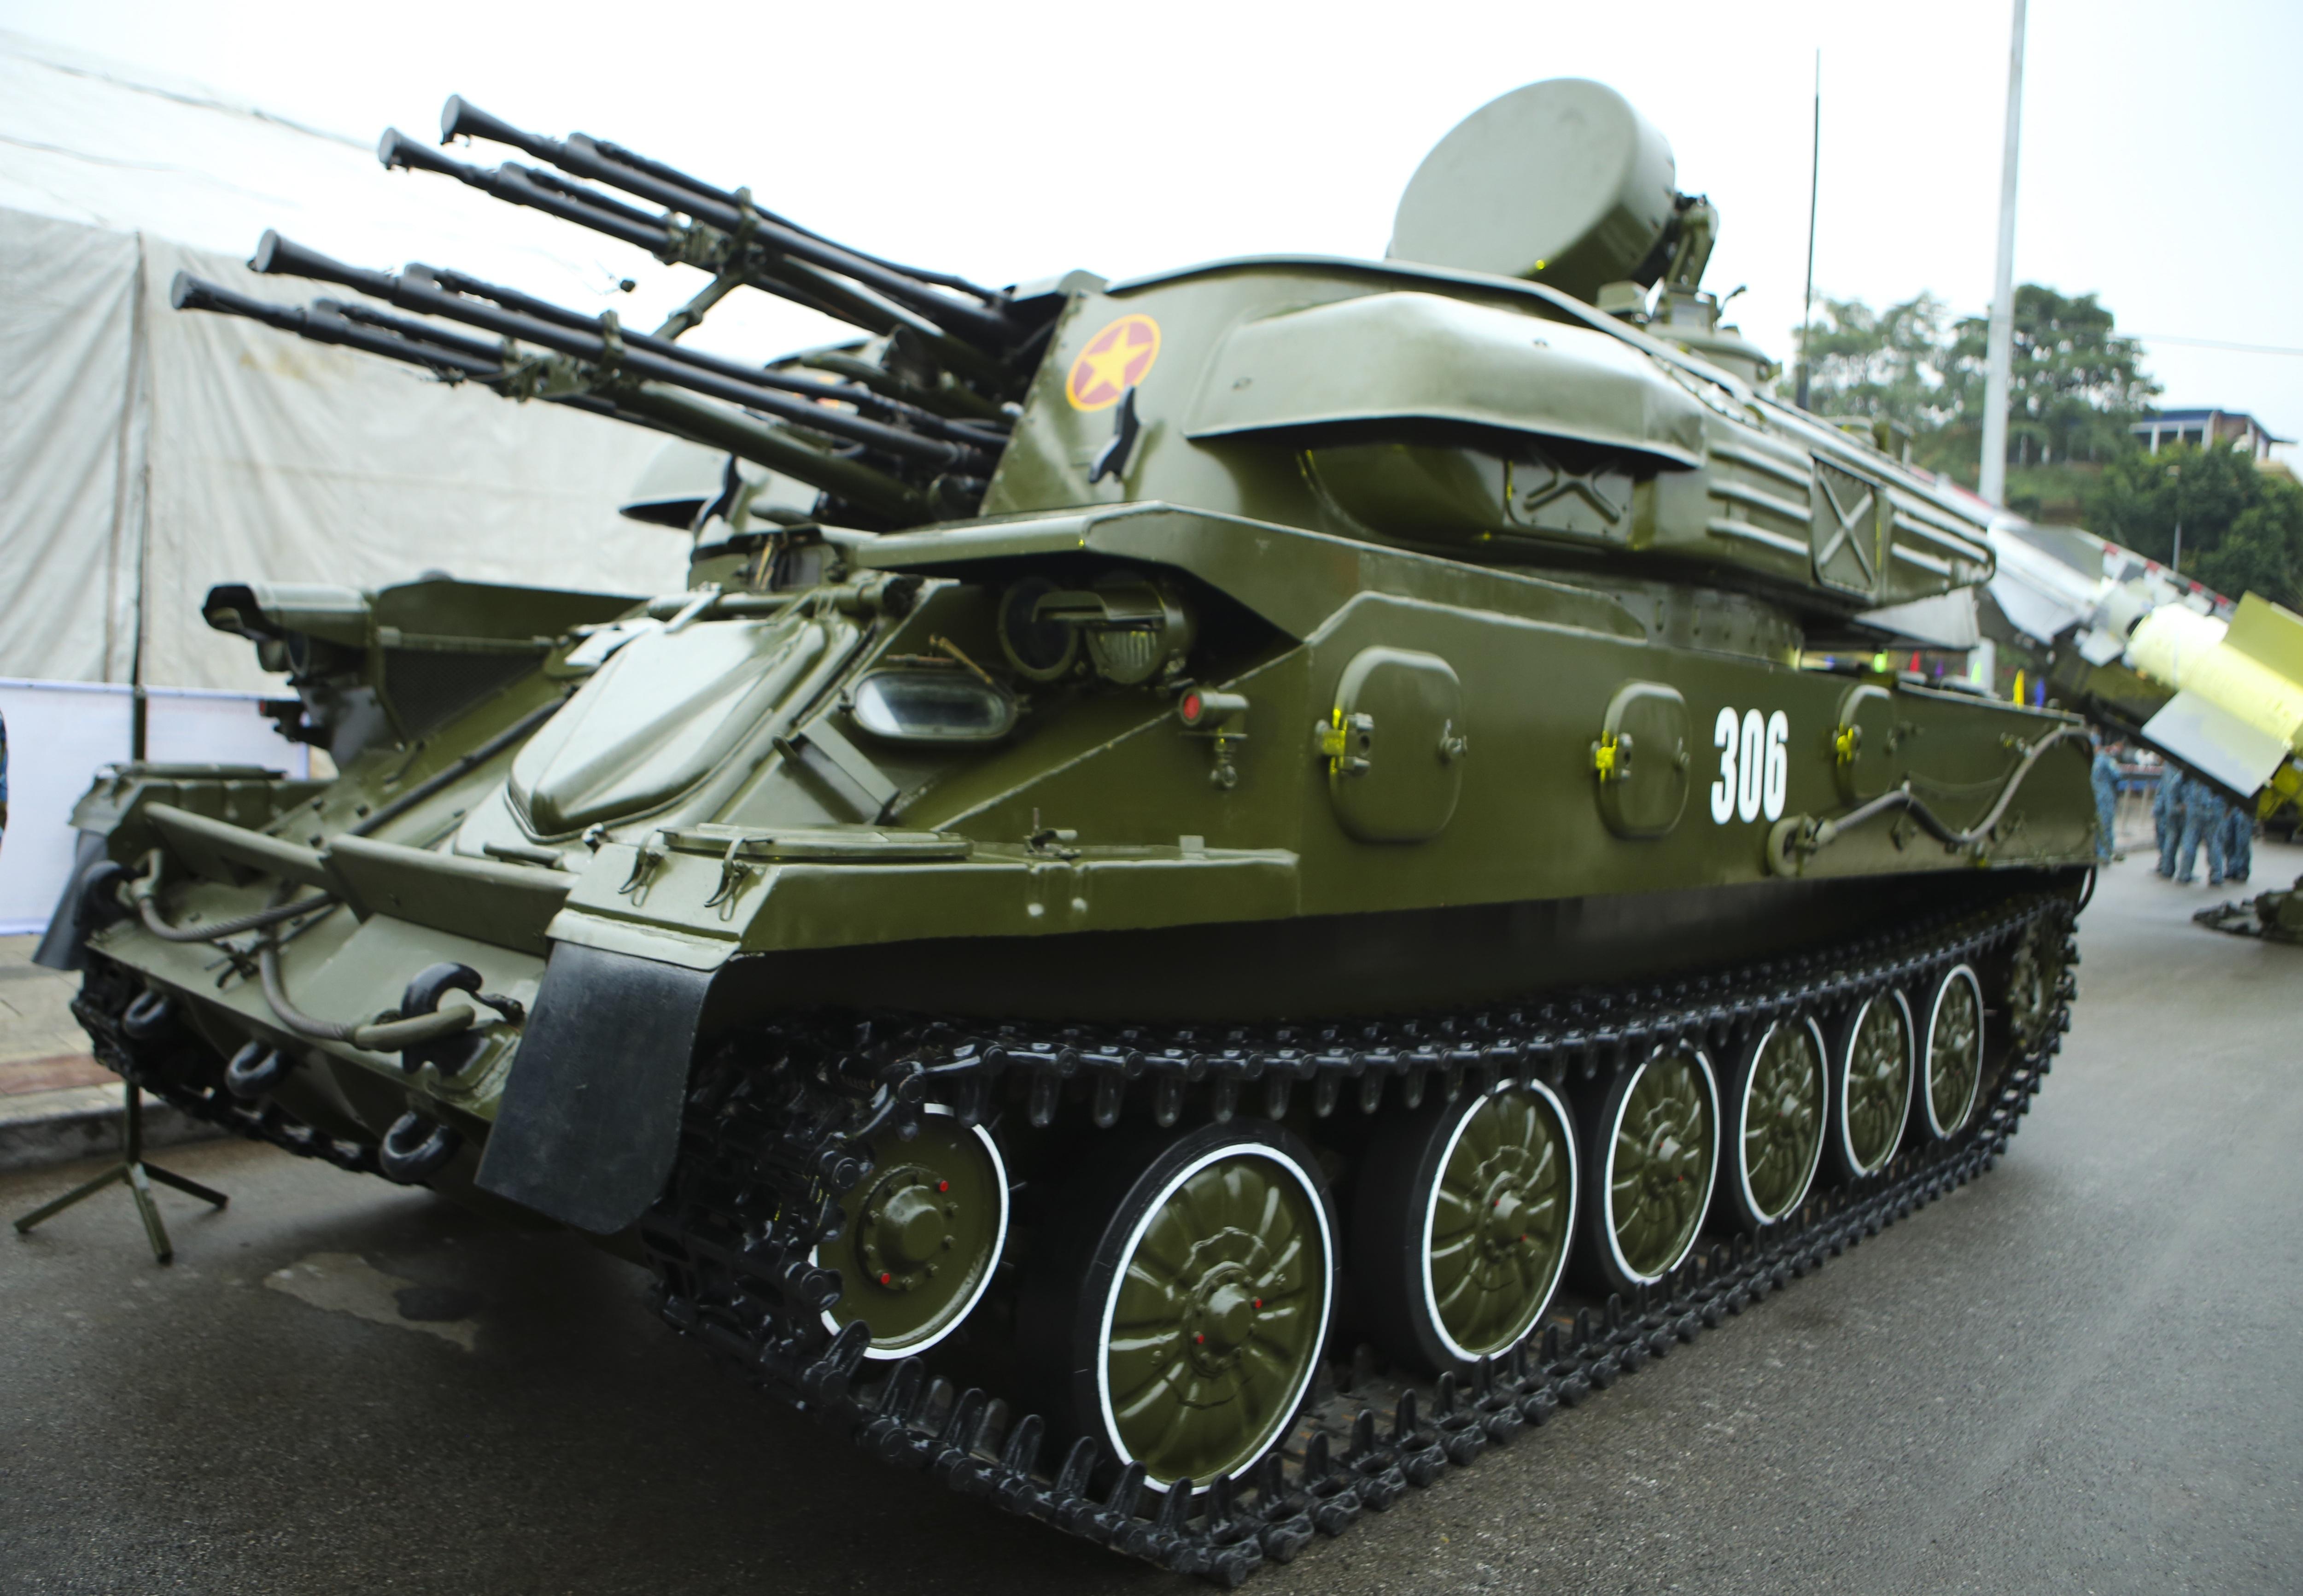 Hàng loạt vũ khí tối tân được Bộ Quốc phòng trưng bày tại Thái Nguyên - 10